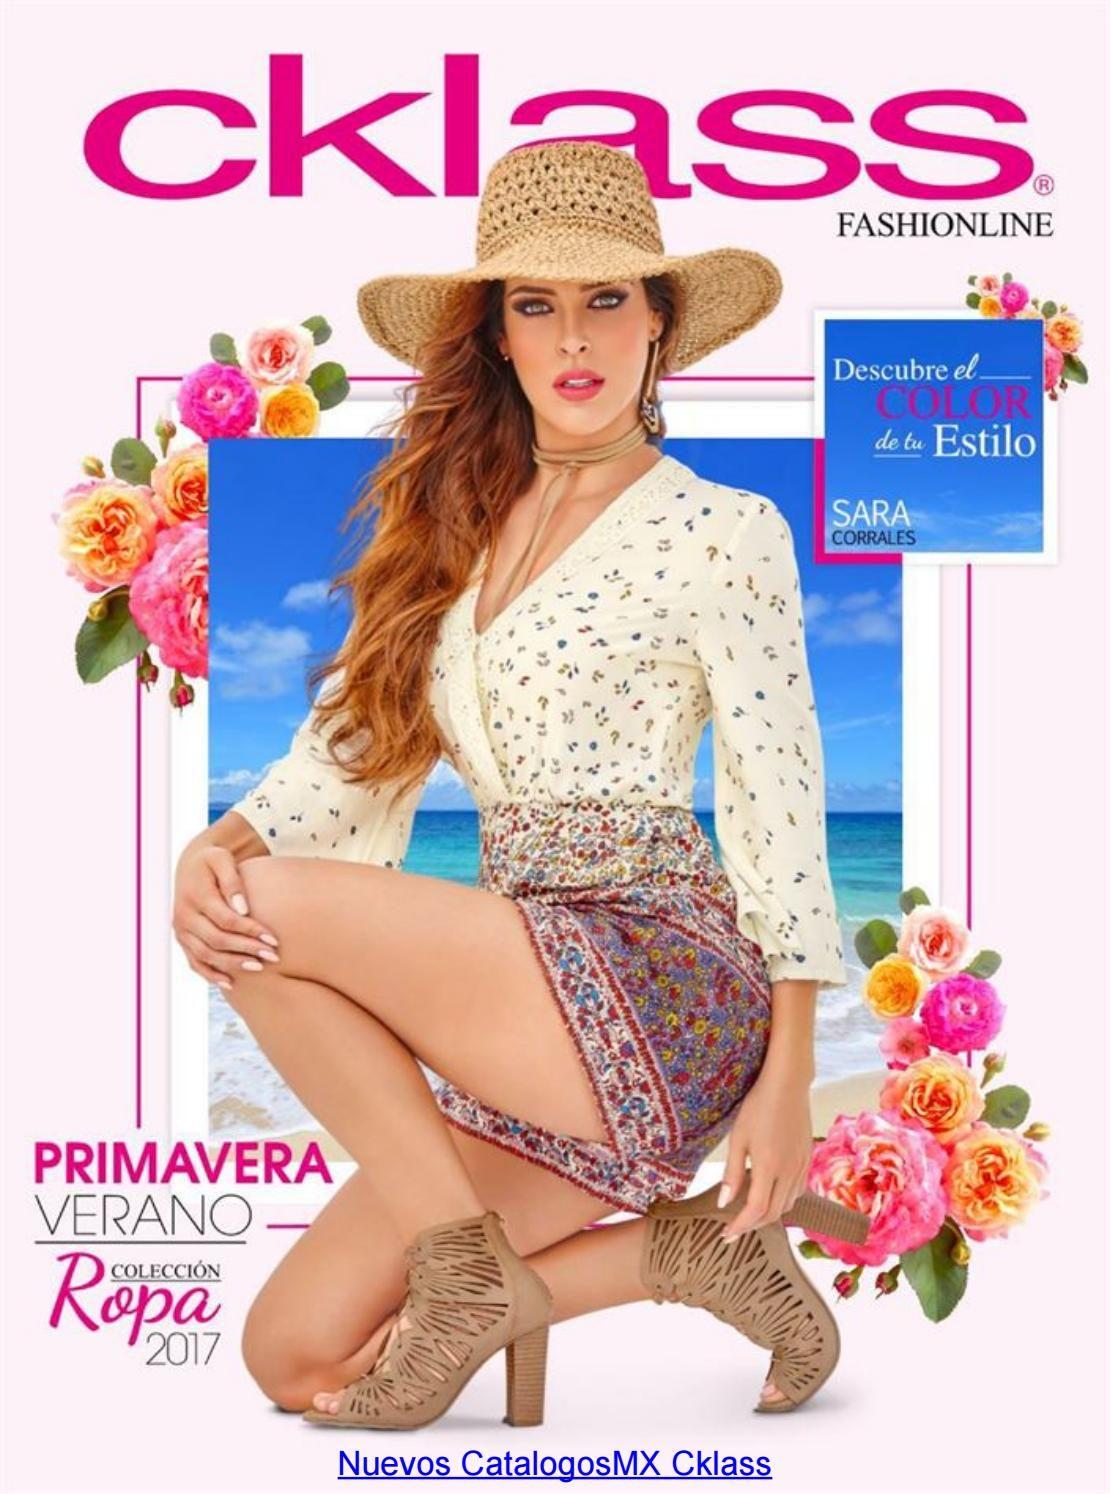 160022fe47f23 Colección dama cklass fashionliine pv 2017. Ver mas catalogos digitales de  México en www.catalogosmx.moda